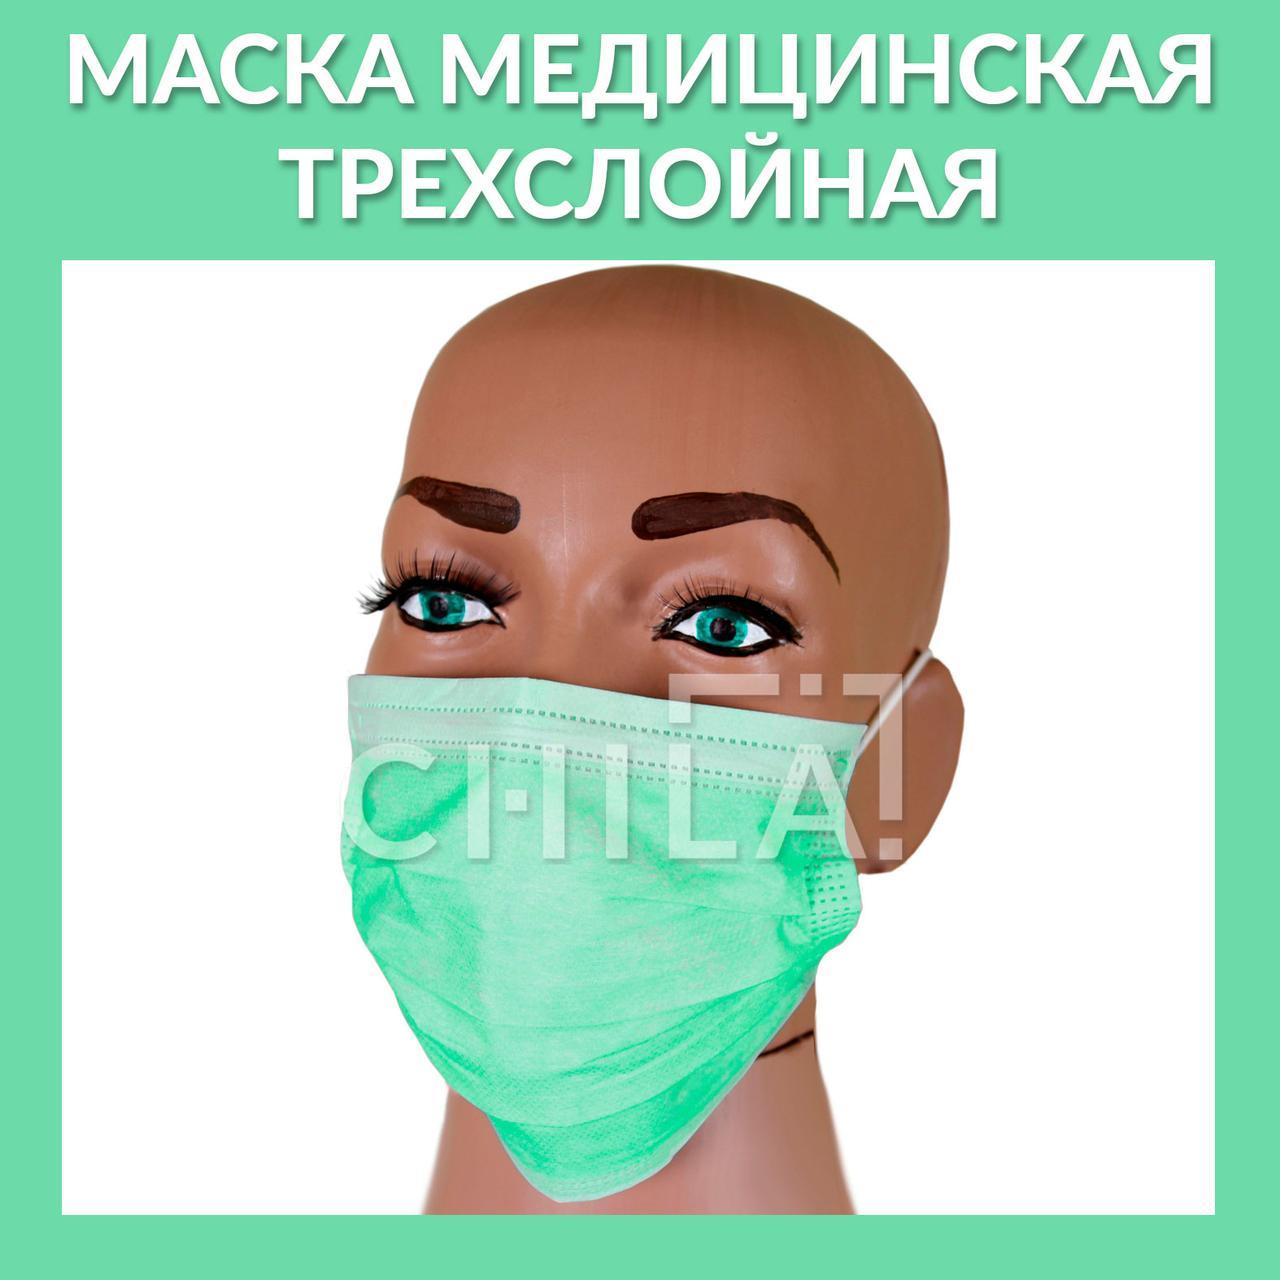 Маска медицинская трехслойная SanGig (Зеленая) 50 шт/уп